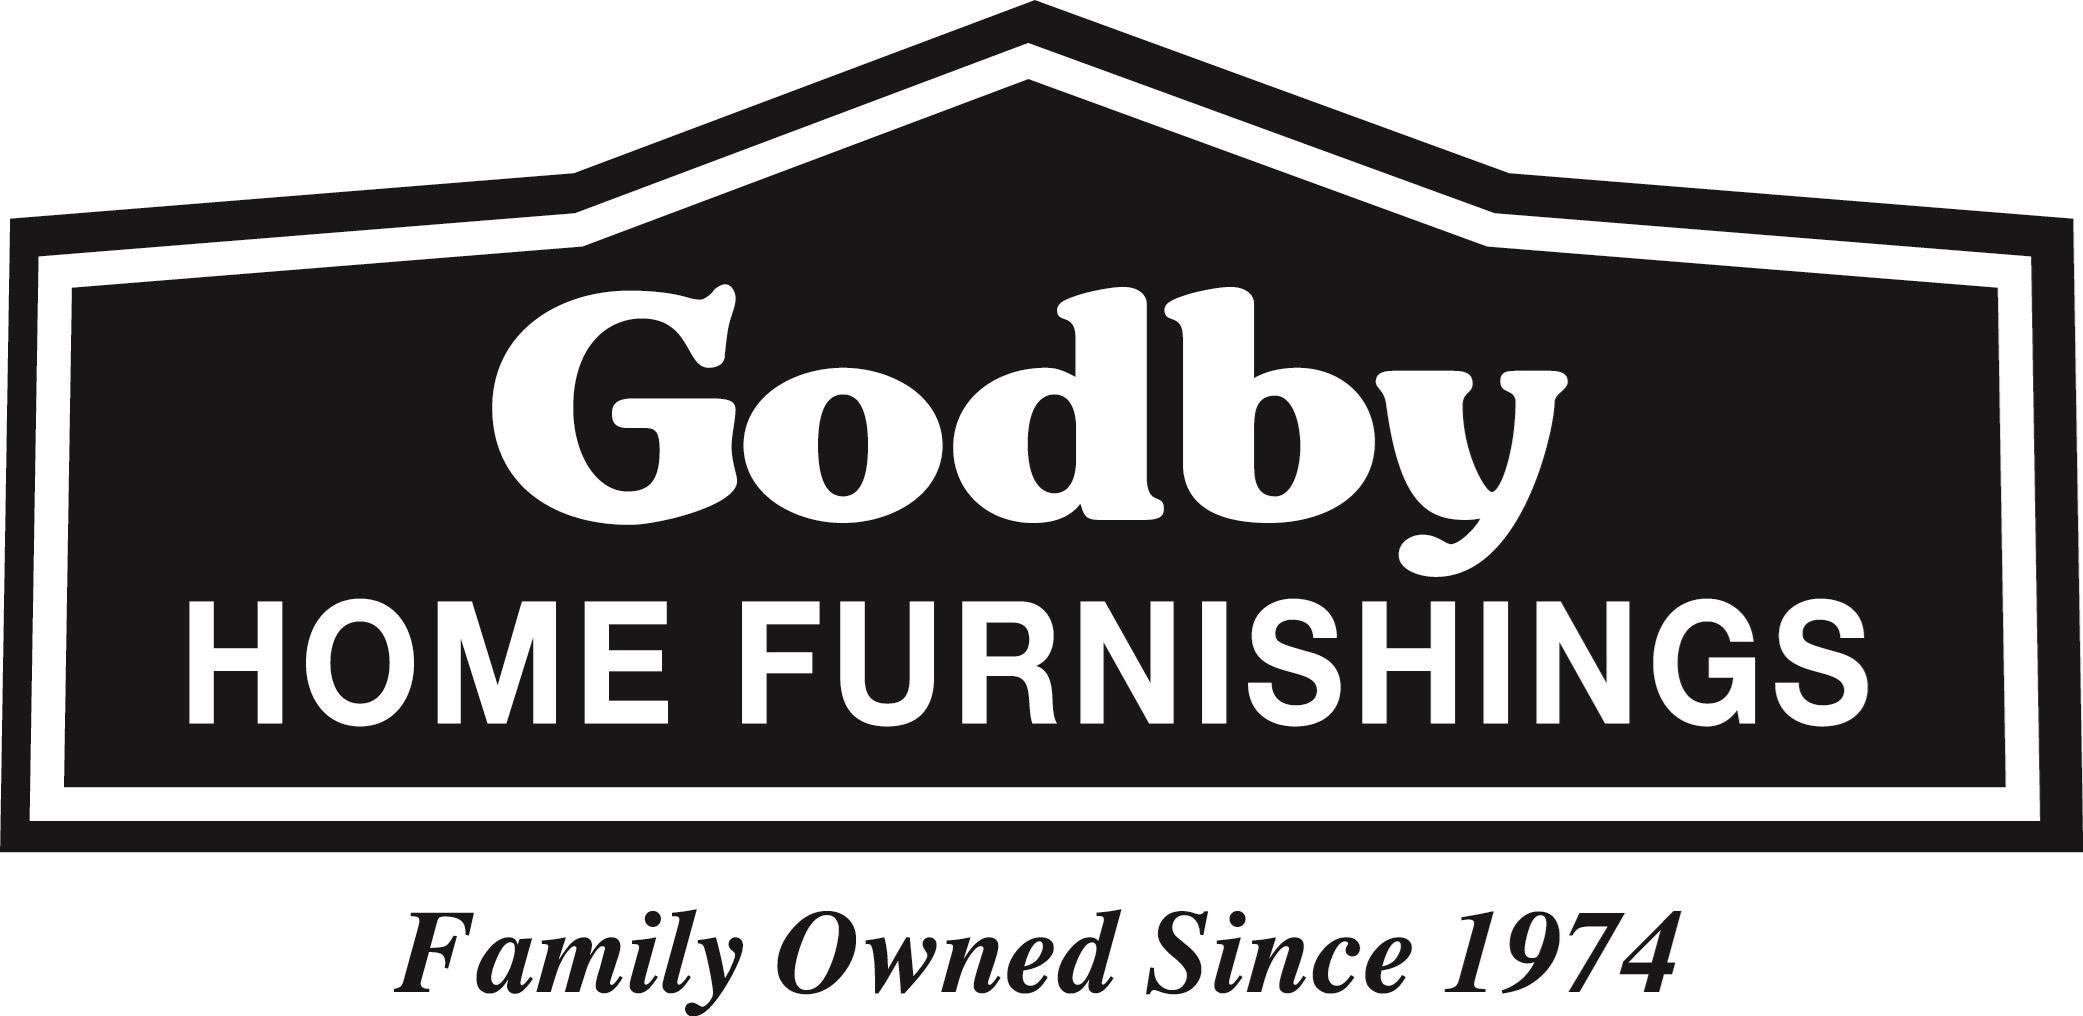 Godby Home Furnishings Brands Noblesville Carmel Avon